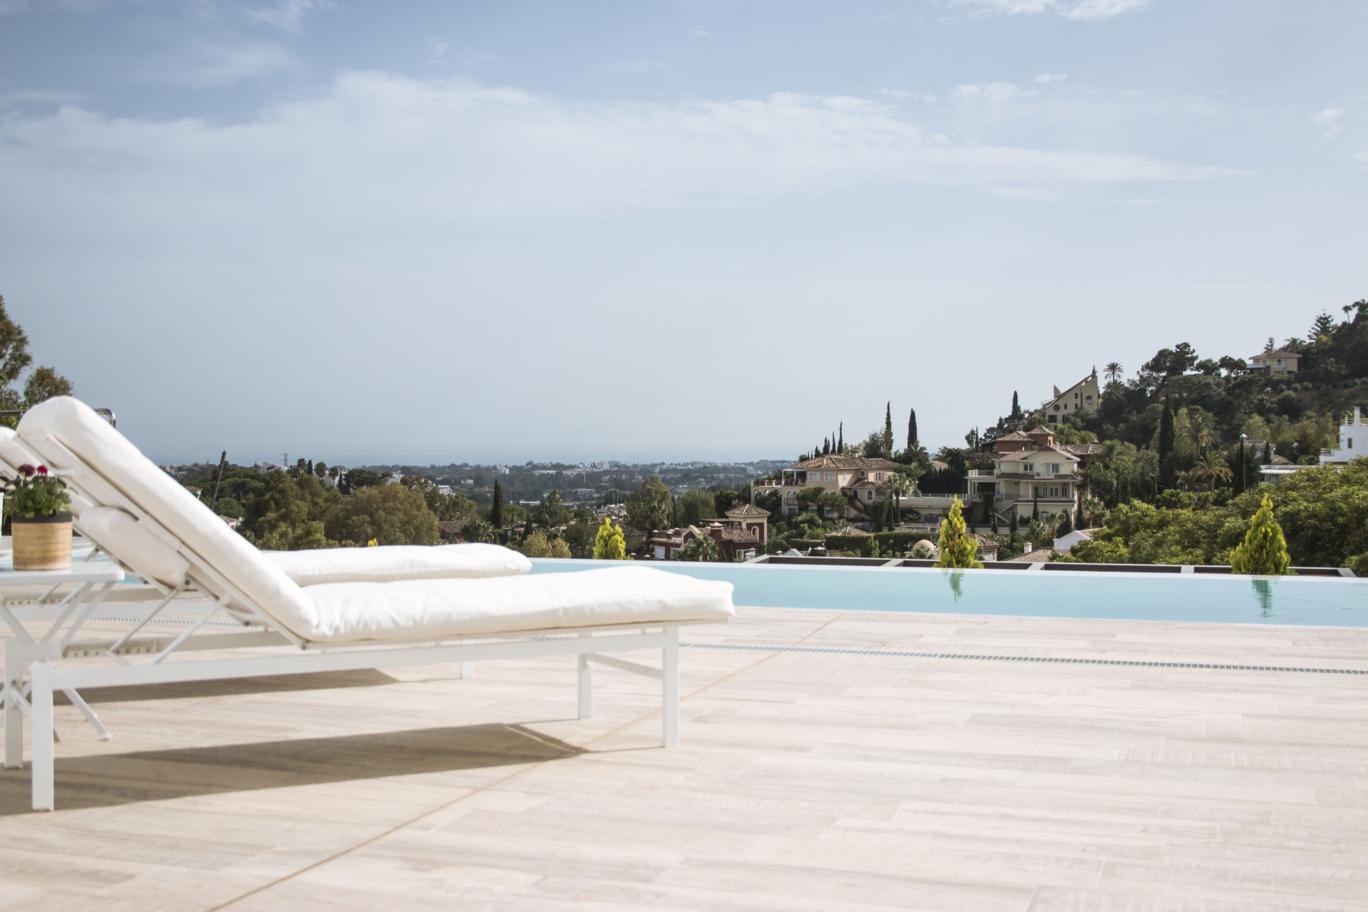 Villa de estilo contemporáneo en La Quinta